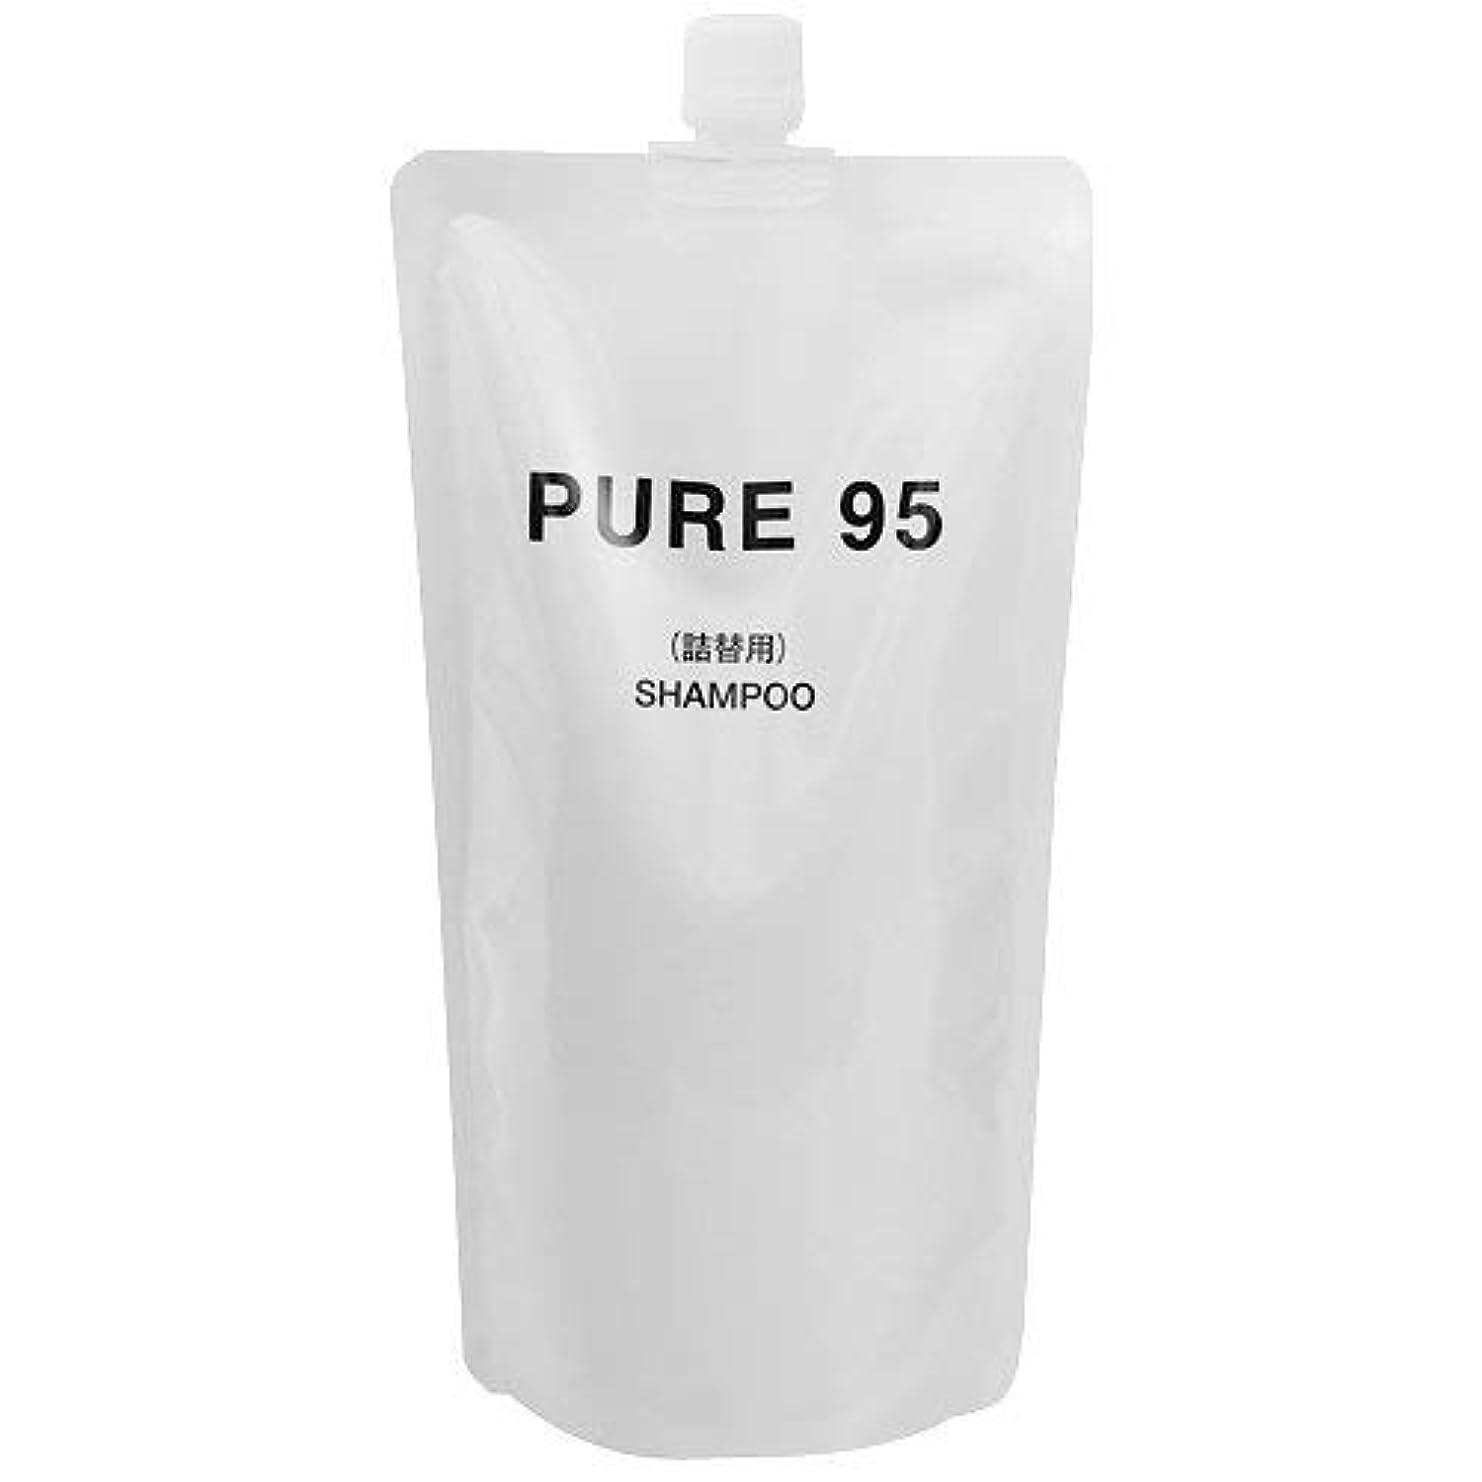 致命的な美容師思い出させるパーミングジャパン PURE95 シャンプー 700ml レフィル